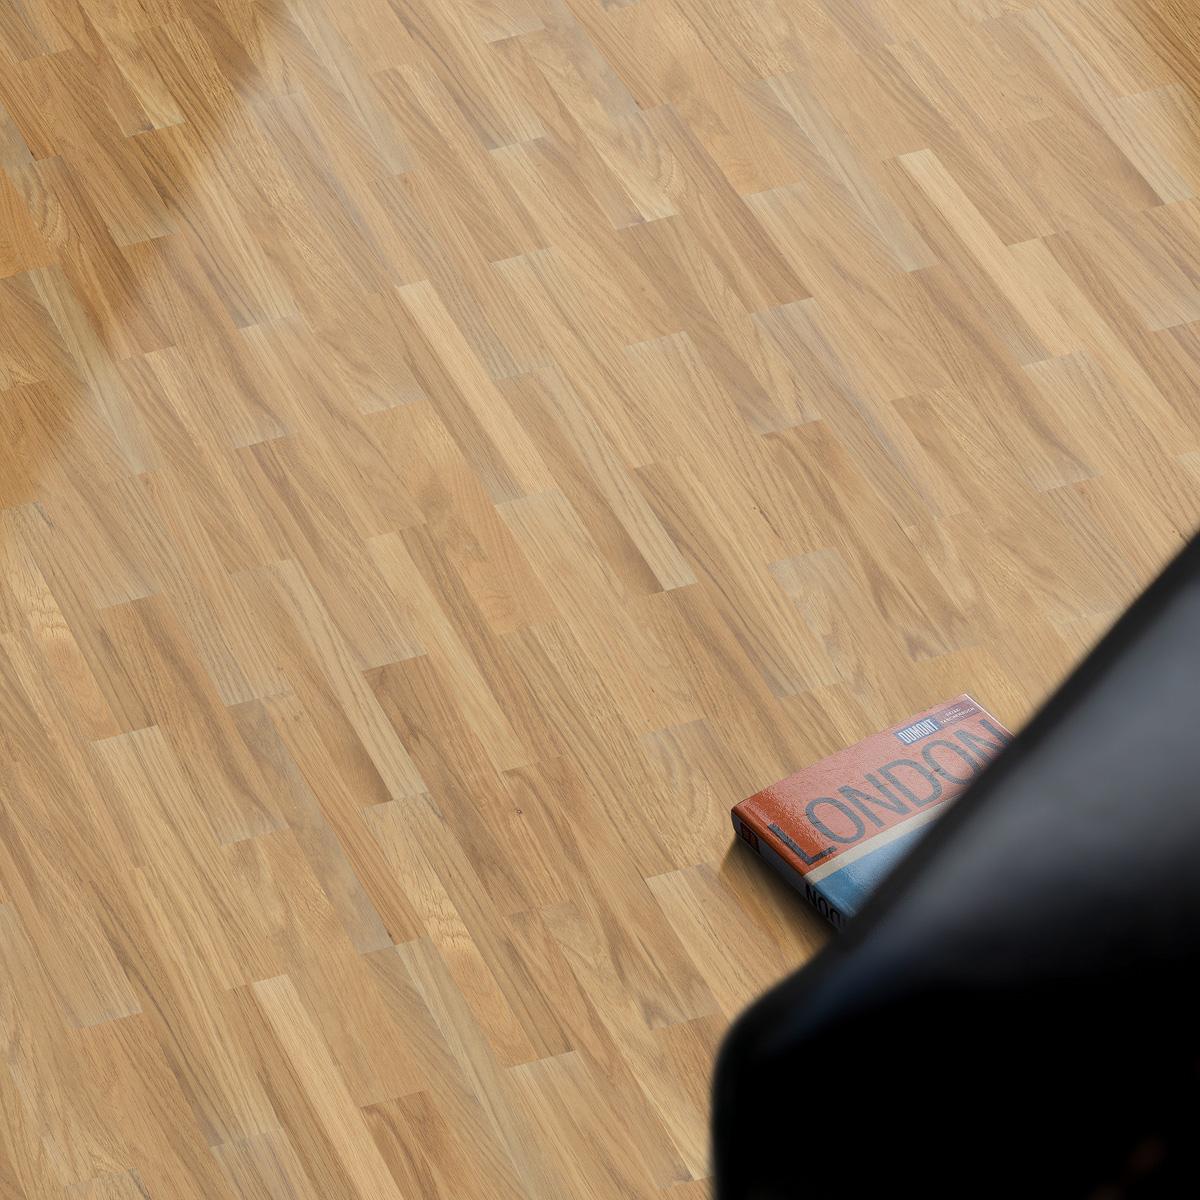 klebeparkett eiche natur 2 fach englischer verband unbehandelt. Black Bedroom Furniture Sets. Home Design Ideas